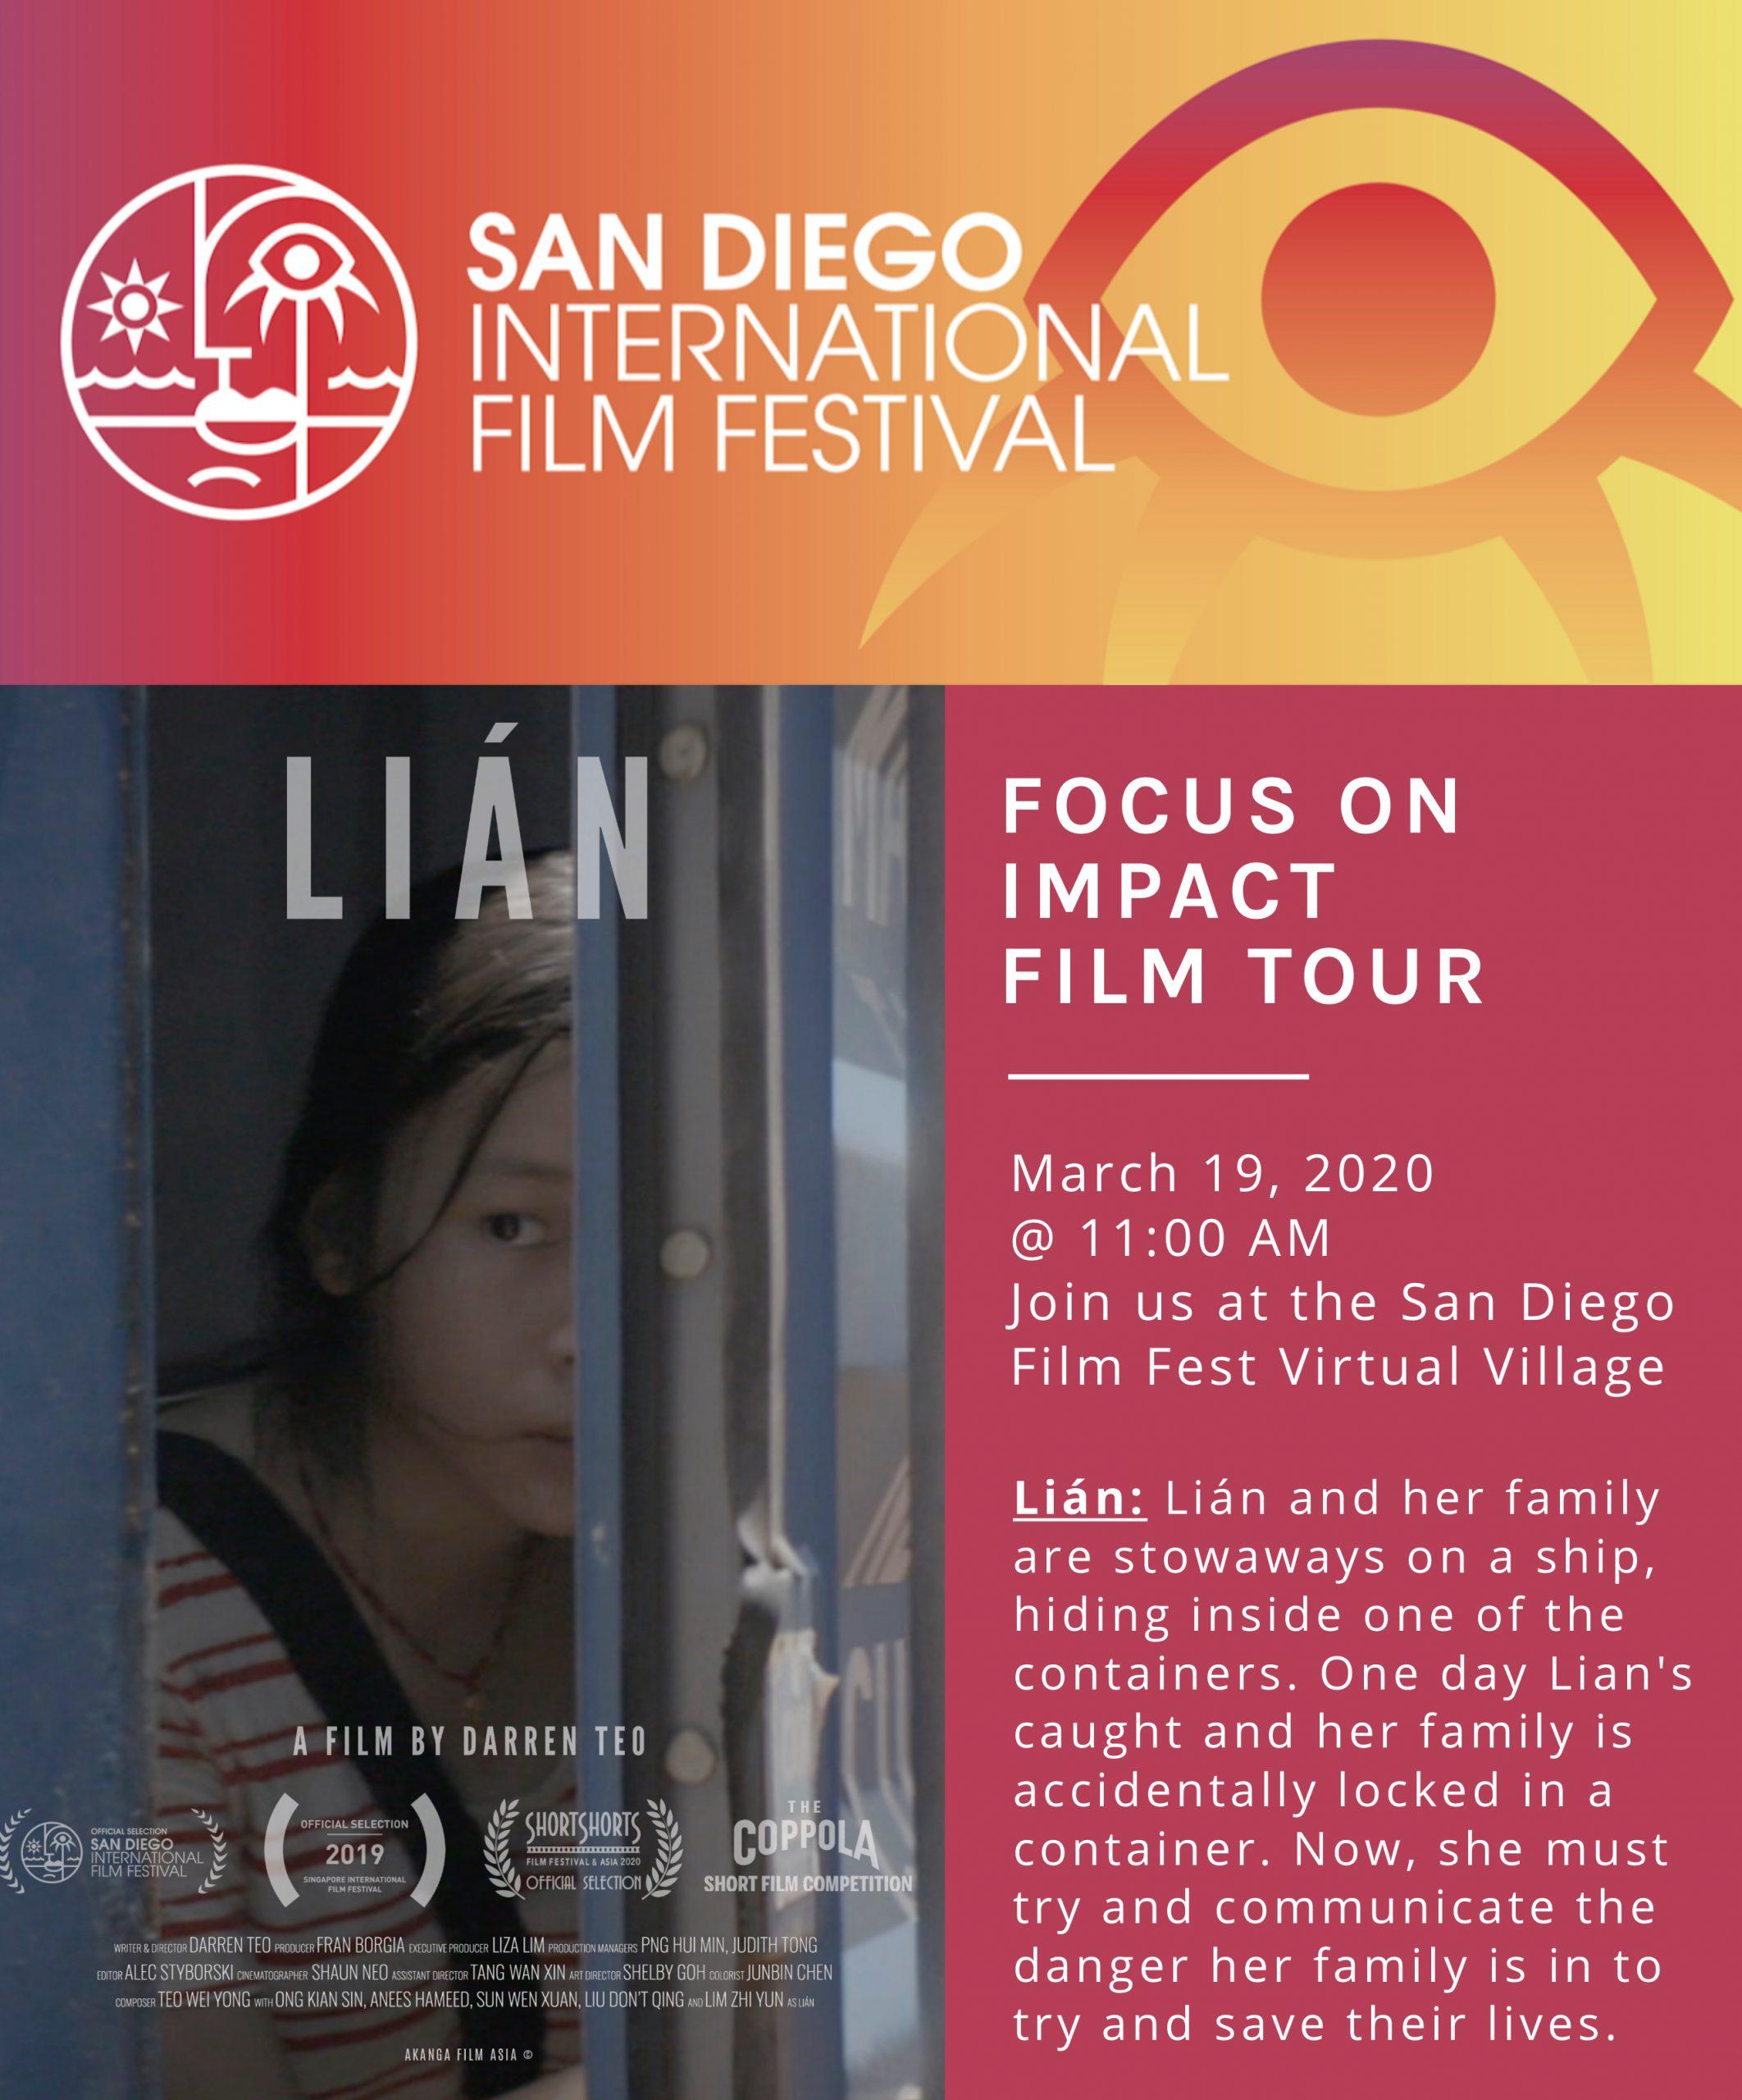 San Diego International Film Festival (SDIFF)